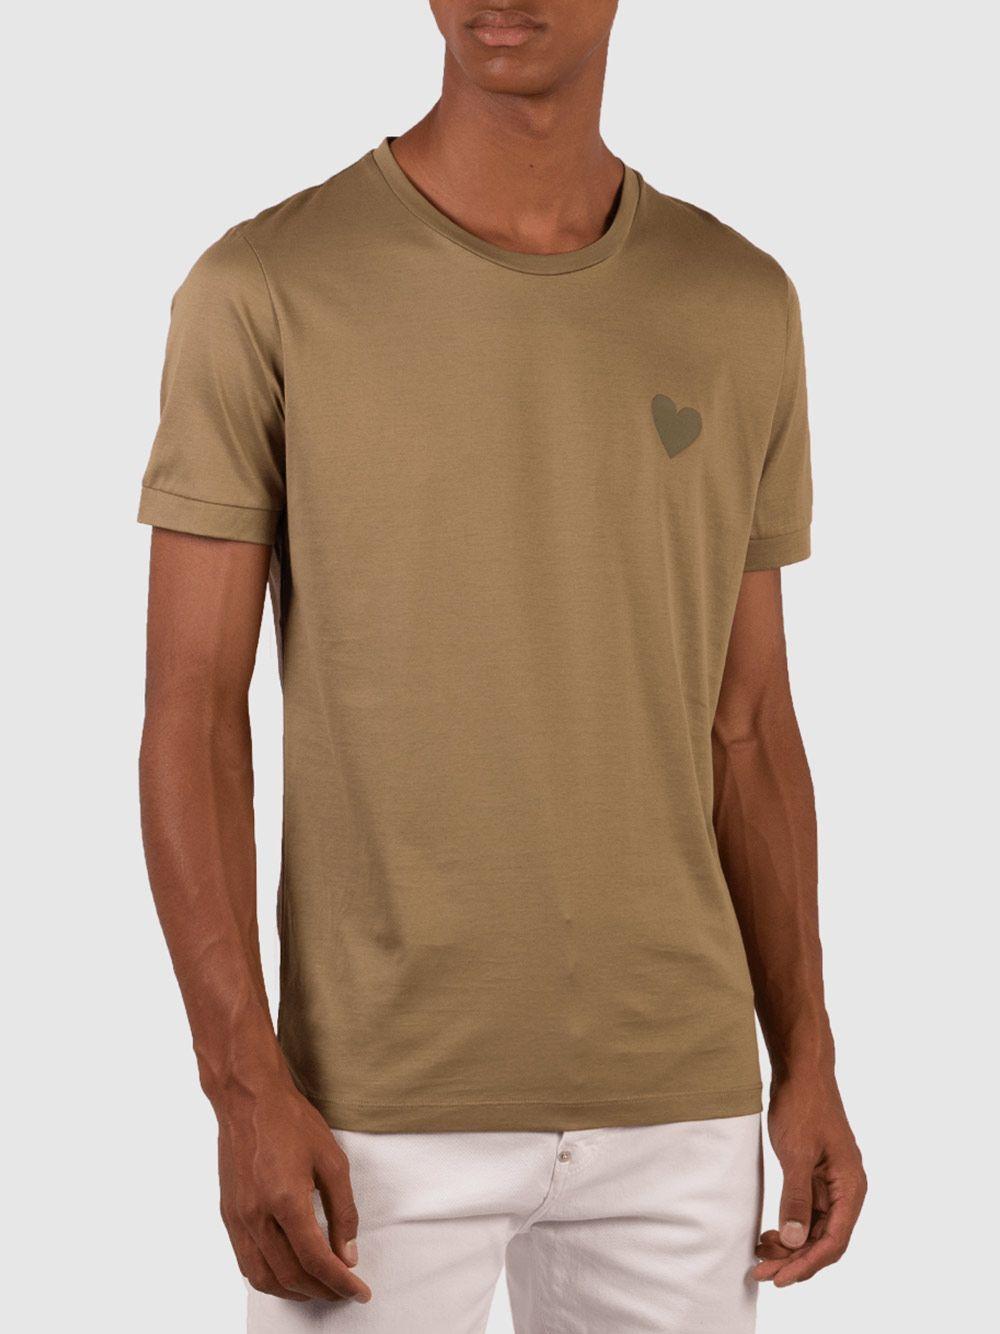 Inimigo Classic Heart T-Shirt | Inimigo